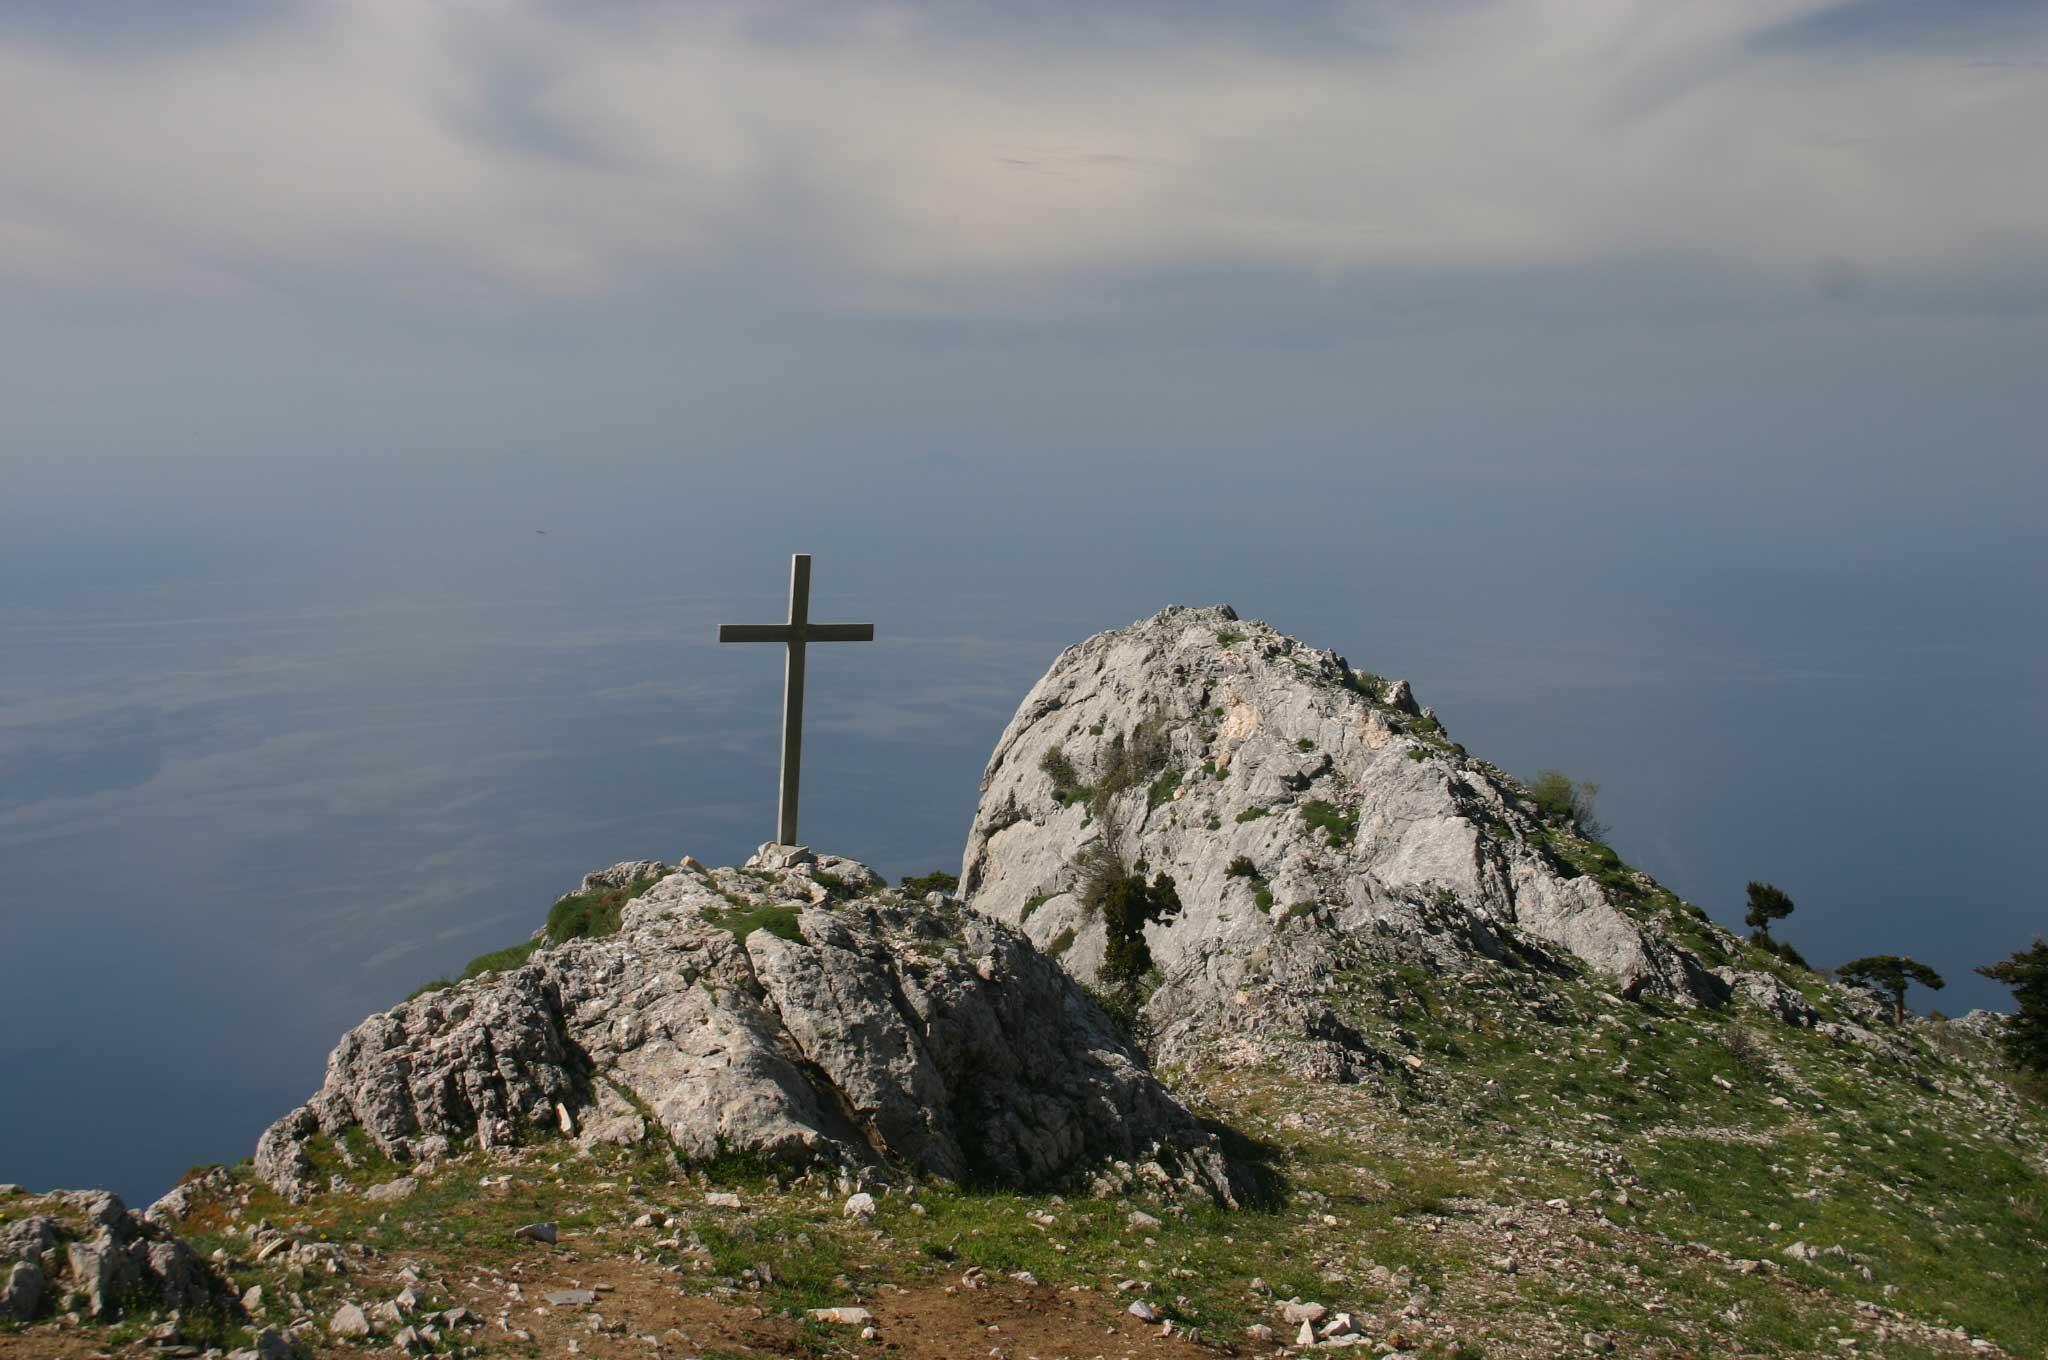 Свята Гора Афон: що говорив старець Ієремія, чим Афон цінний для сучасності